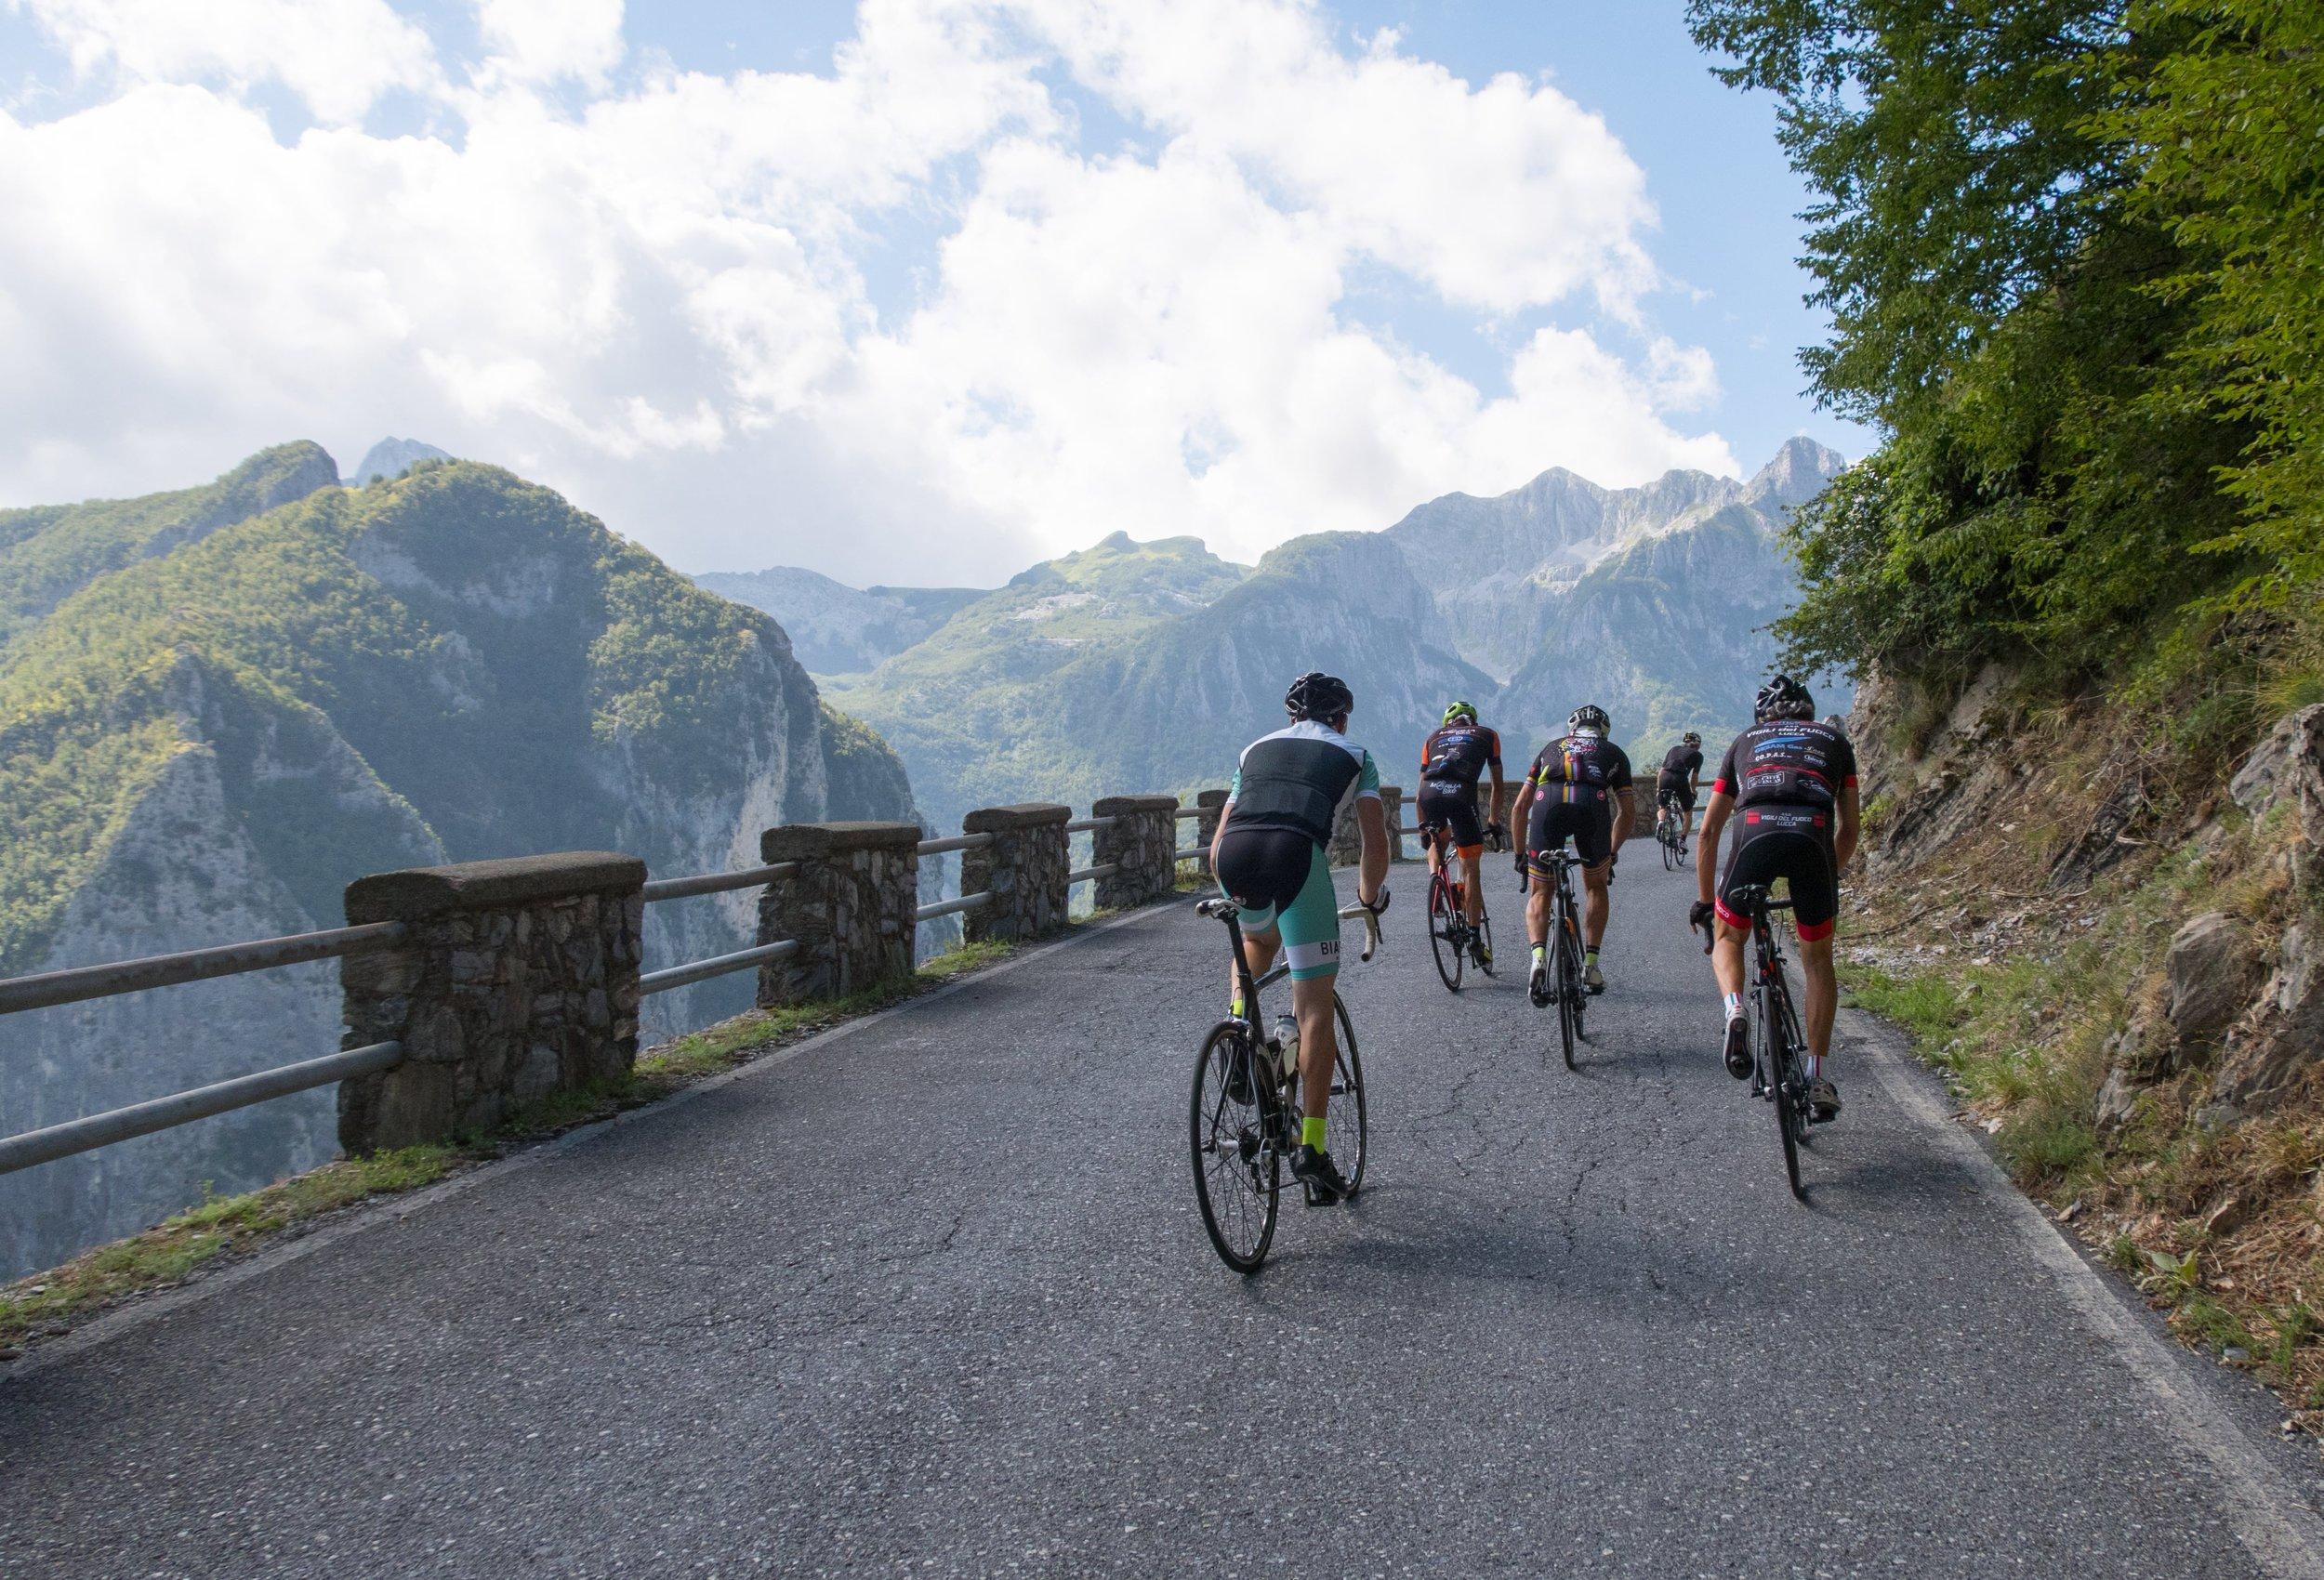 Gruppo Compatto : Pania della Croce in the Apuan Alps